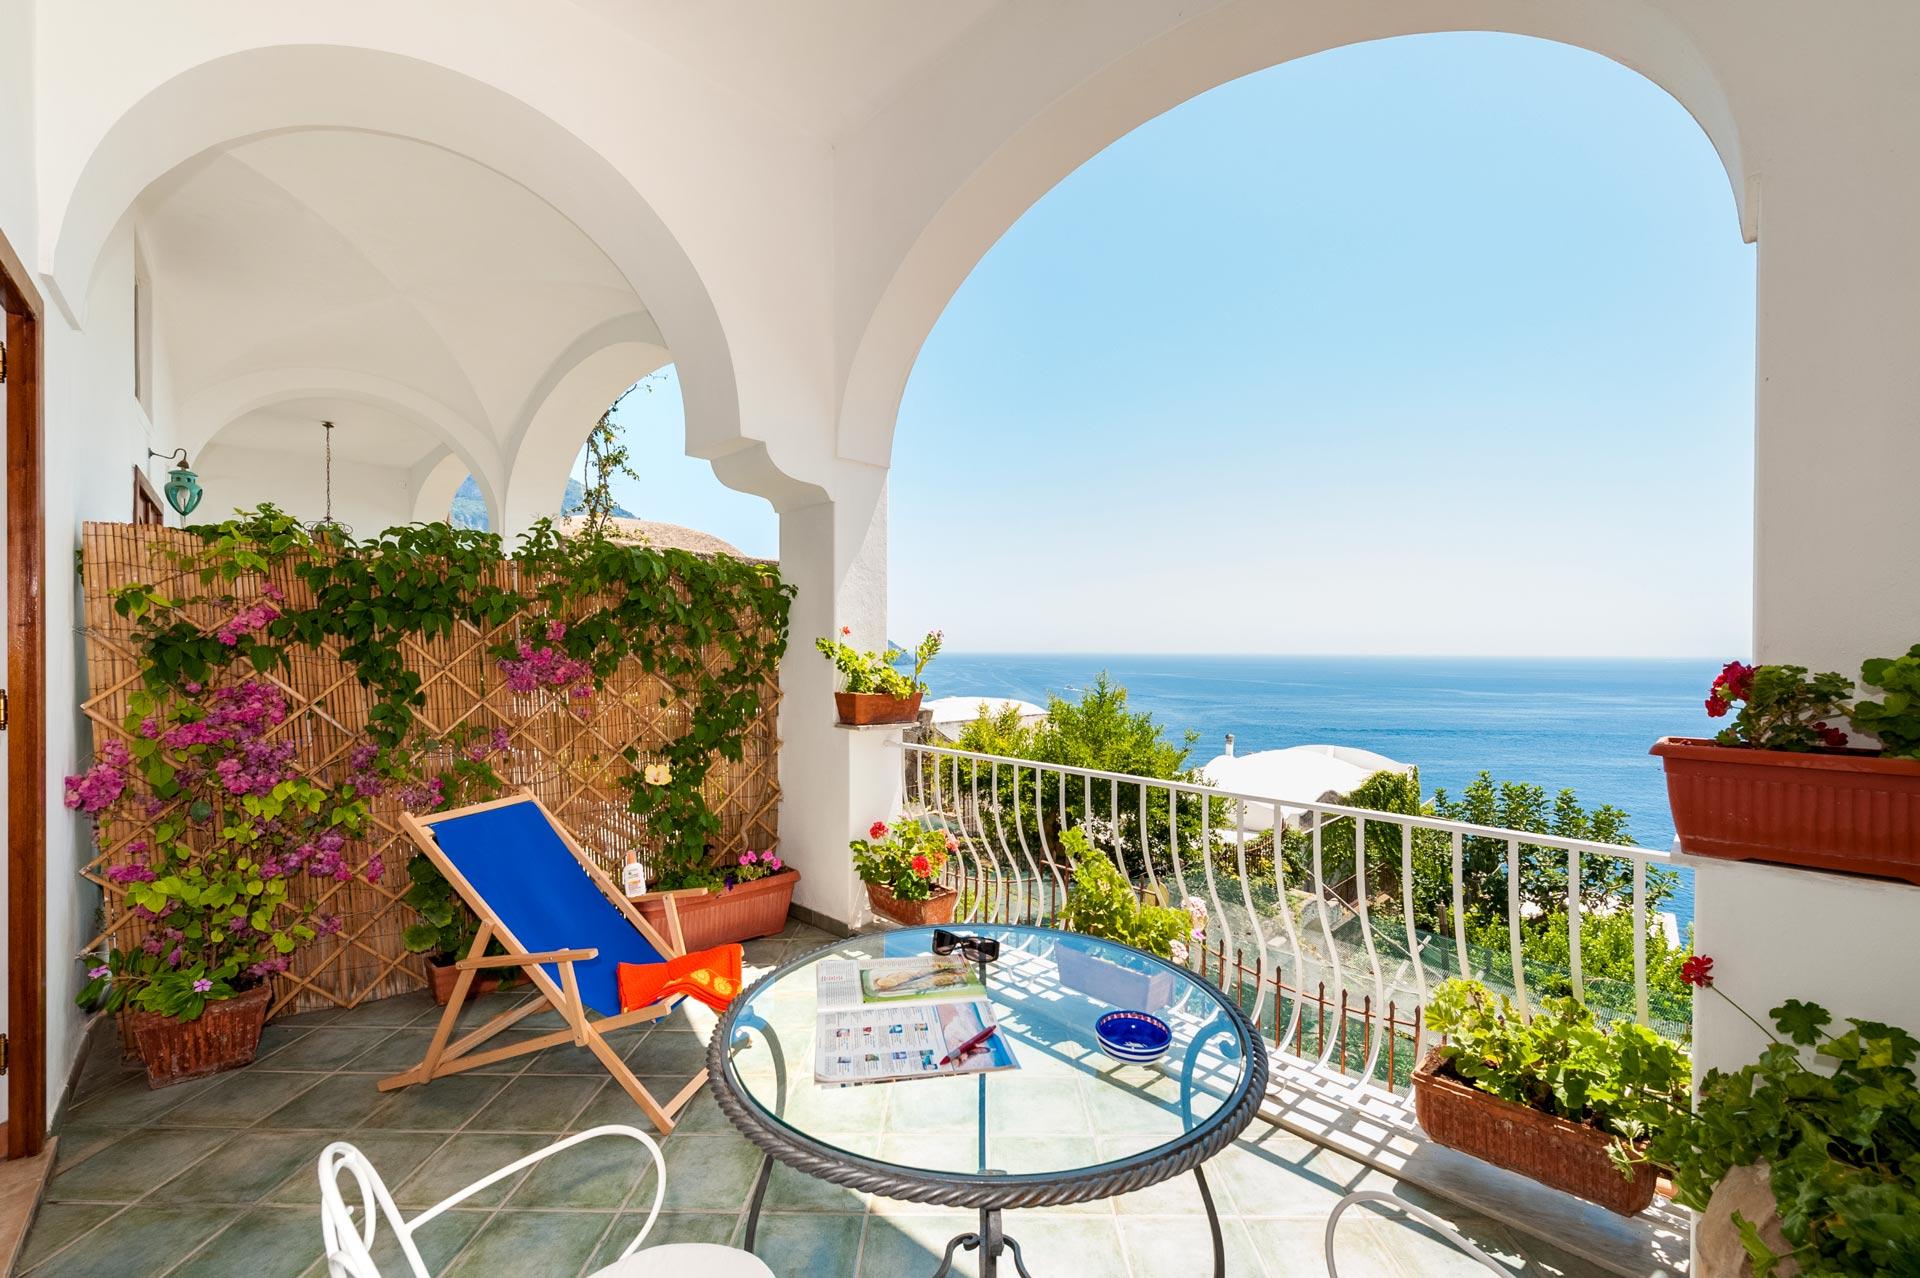 Sea view Terrace in Positano